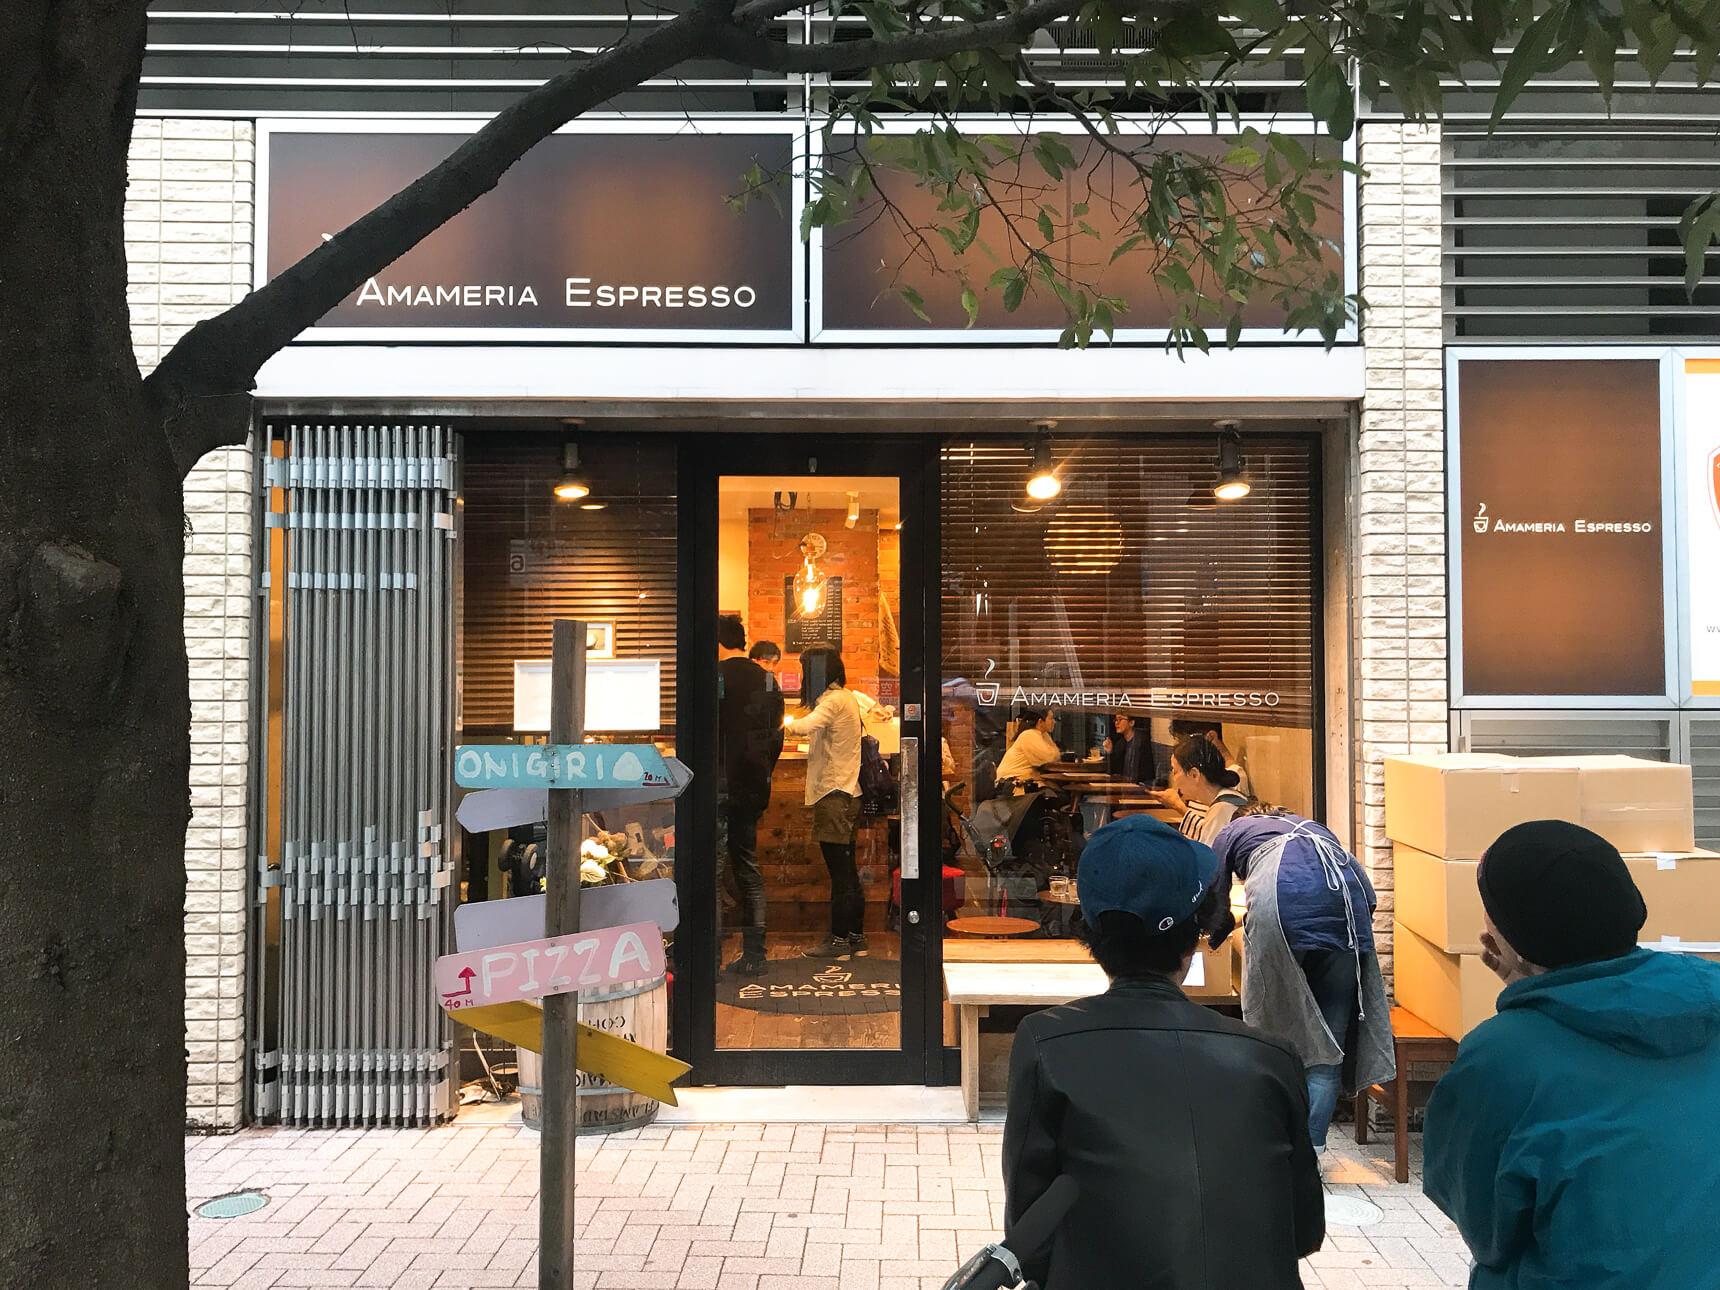 昔ながらのお店以外にも、おしゃれなお店も続々オープン中です(注目の街、武蔵小山のロースター&カフェ、AMAMERIA ESPRESSOへ)